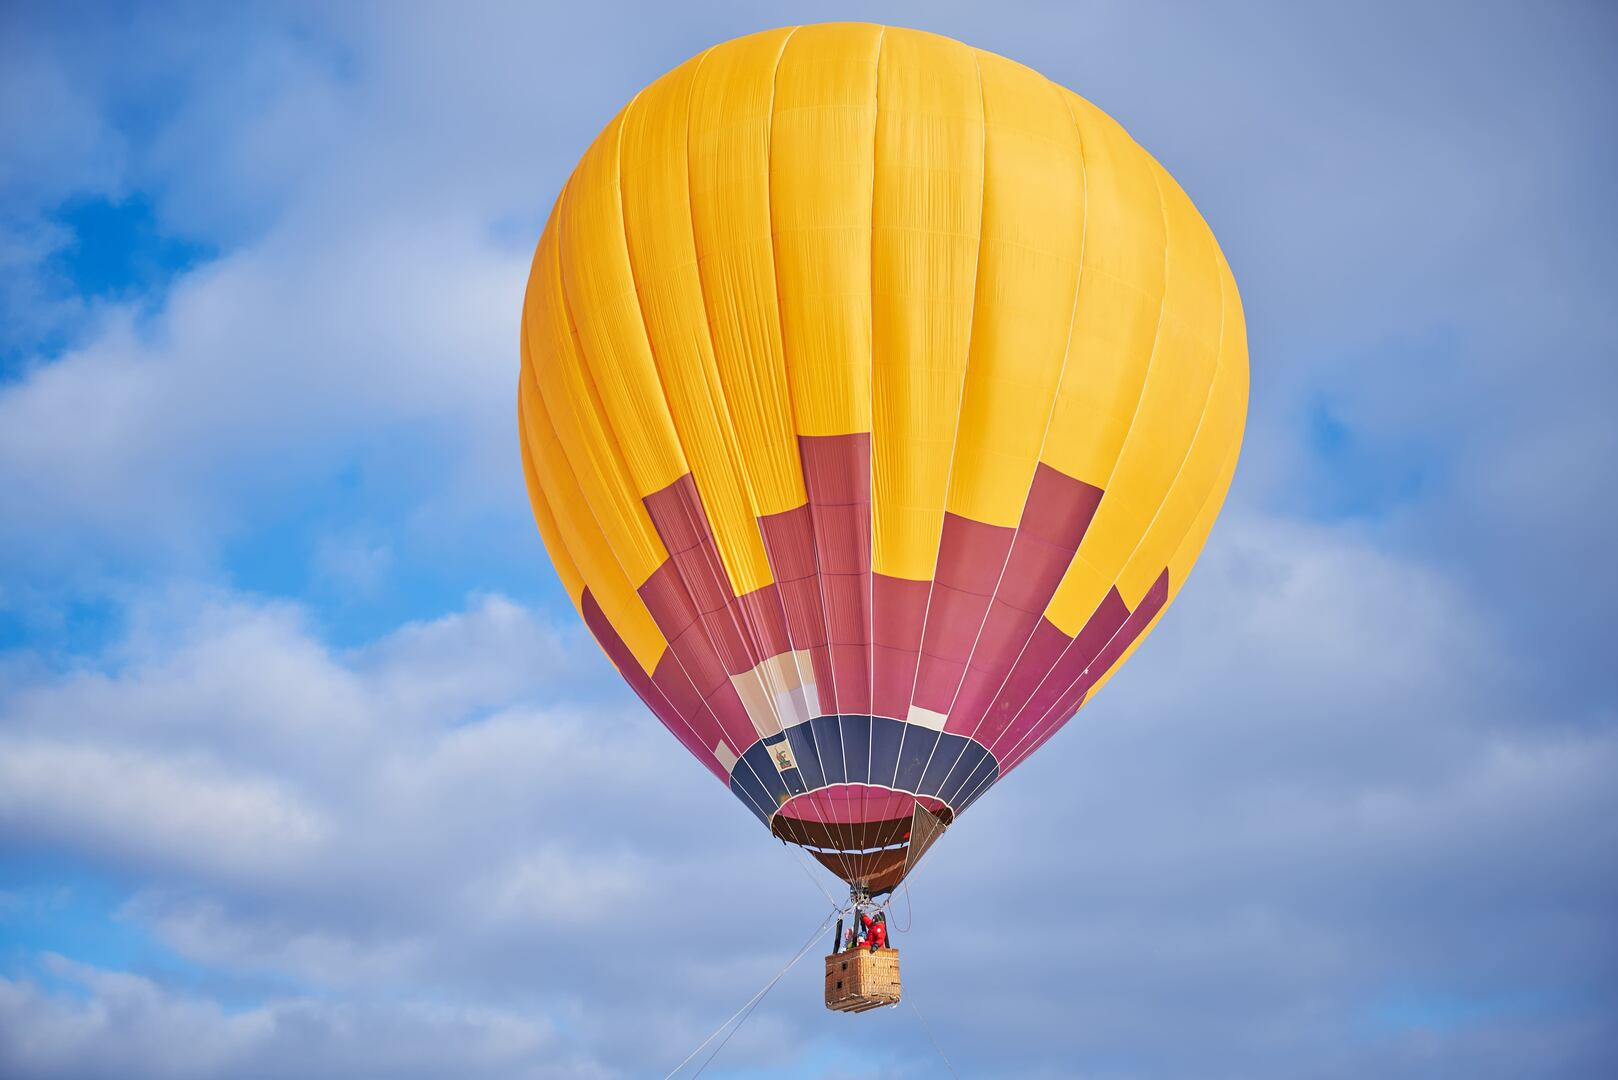 получаются картинки на большом воздушном шаре помощью